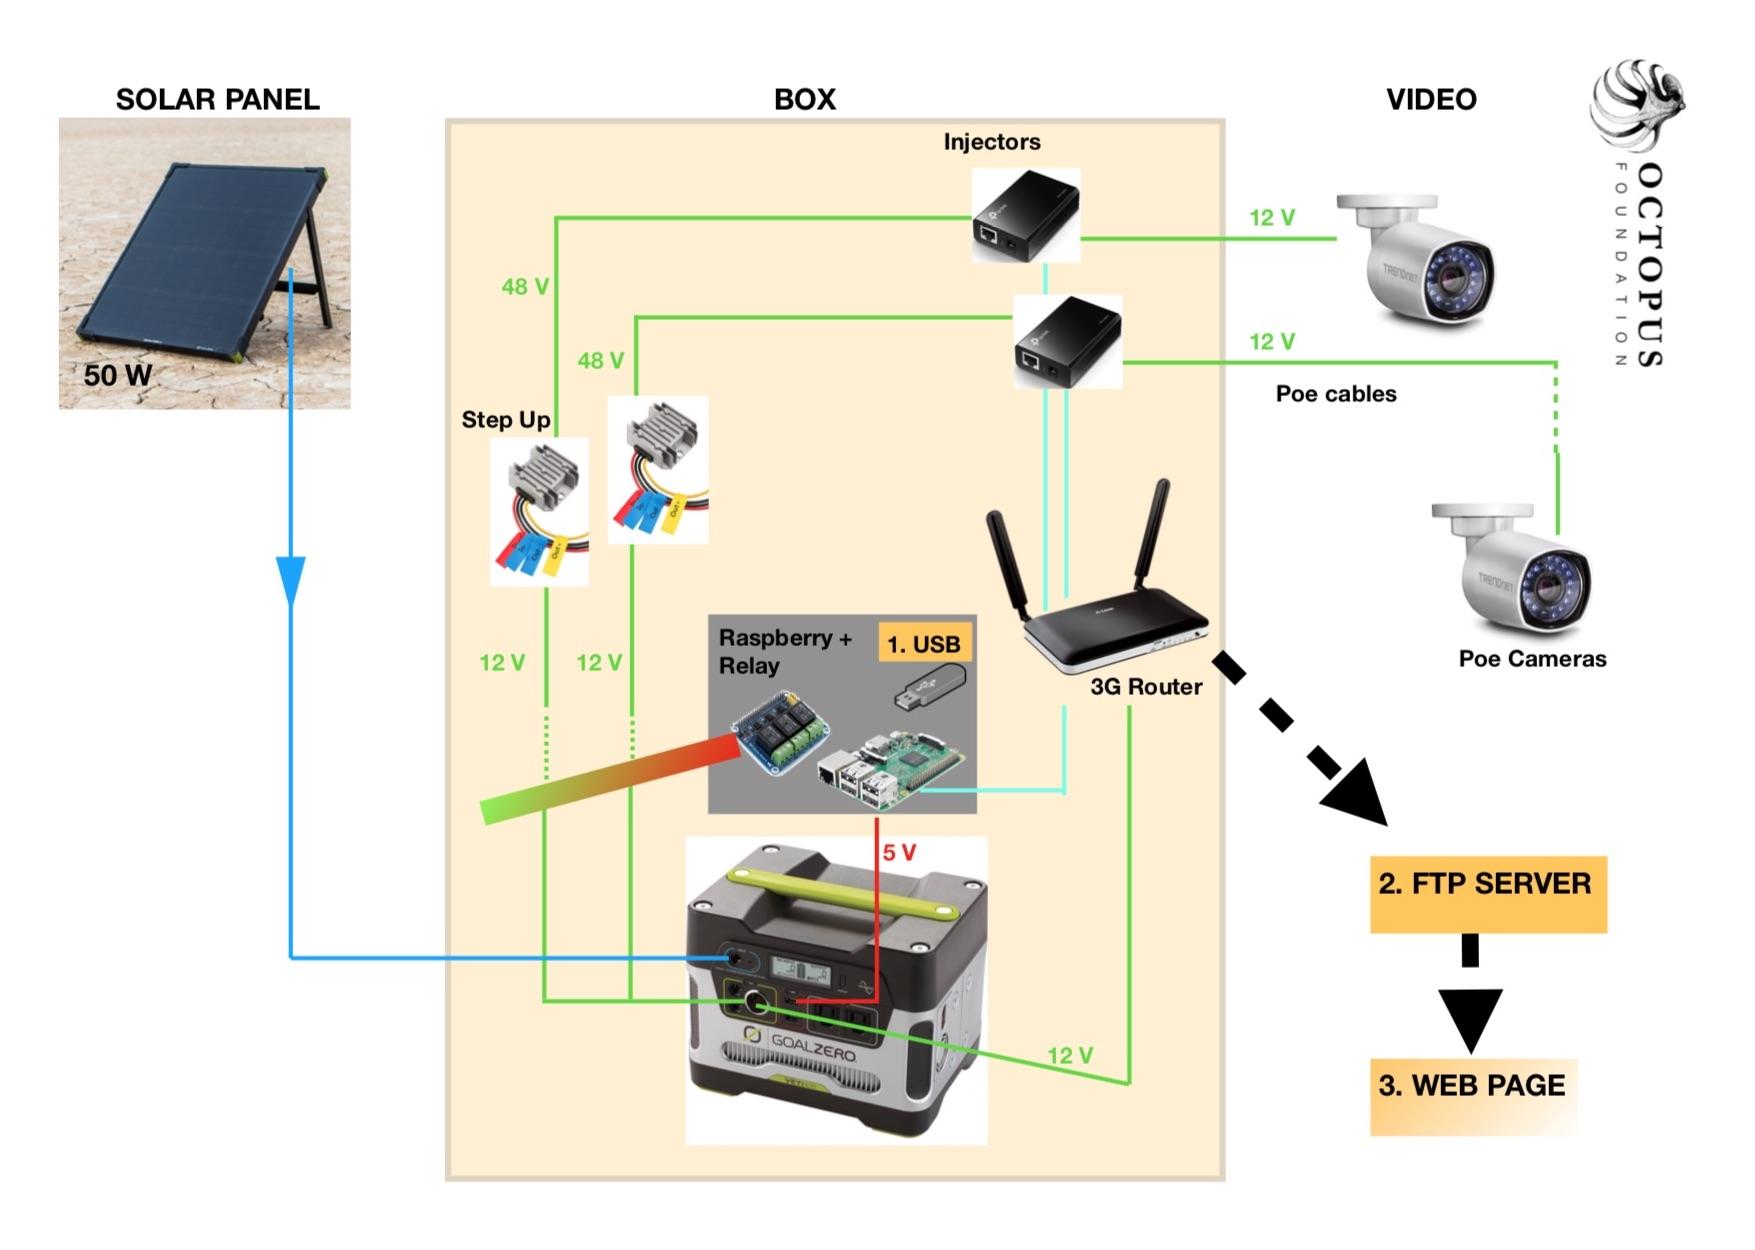 Schéma complet du système de monitoring autonome © Octopus Foundation